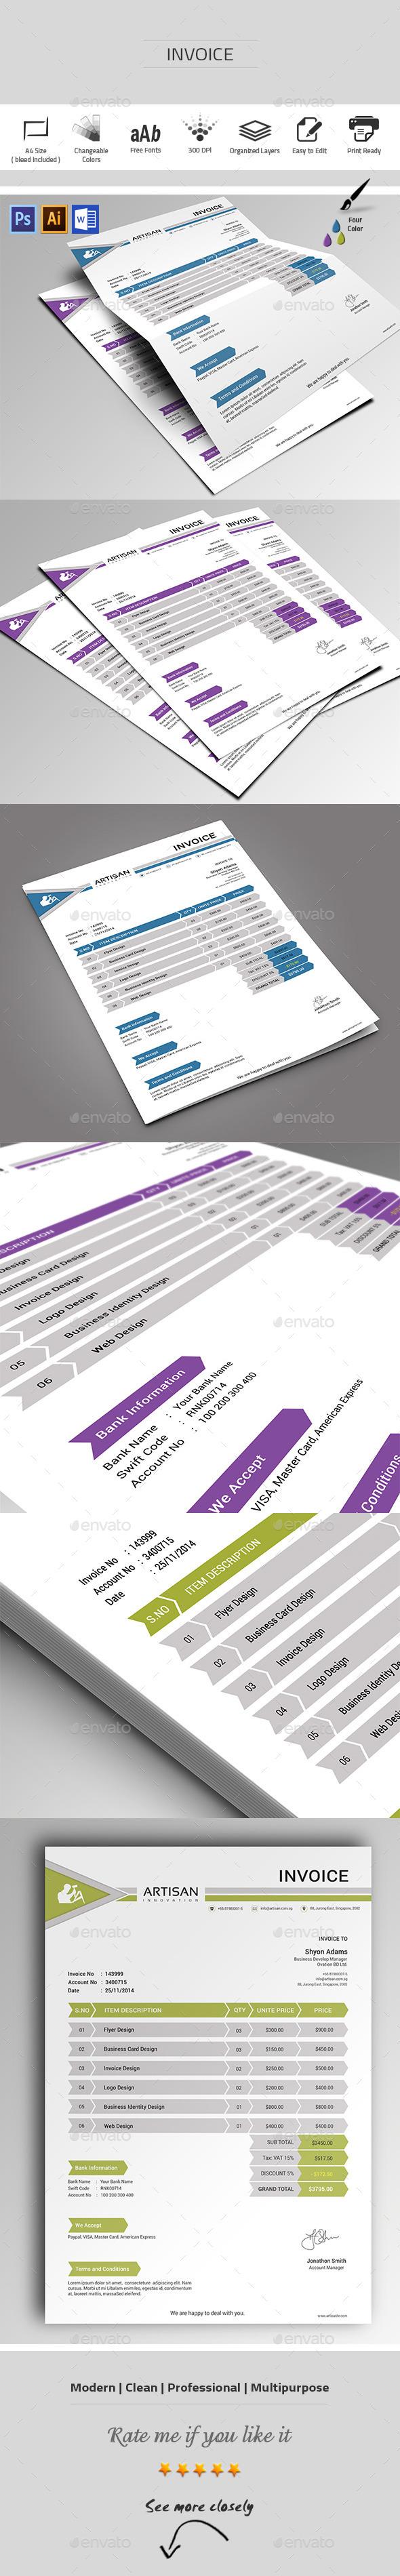 GraphicRiver Invoice 9801040